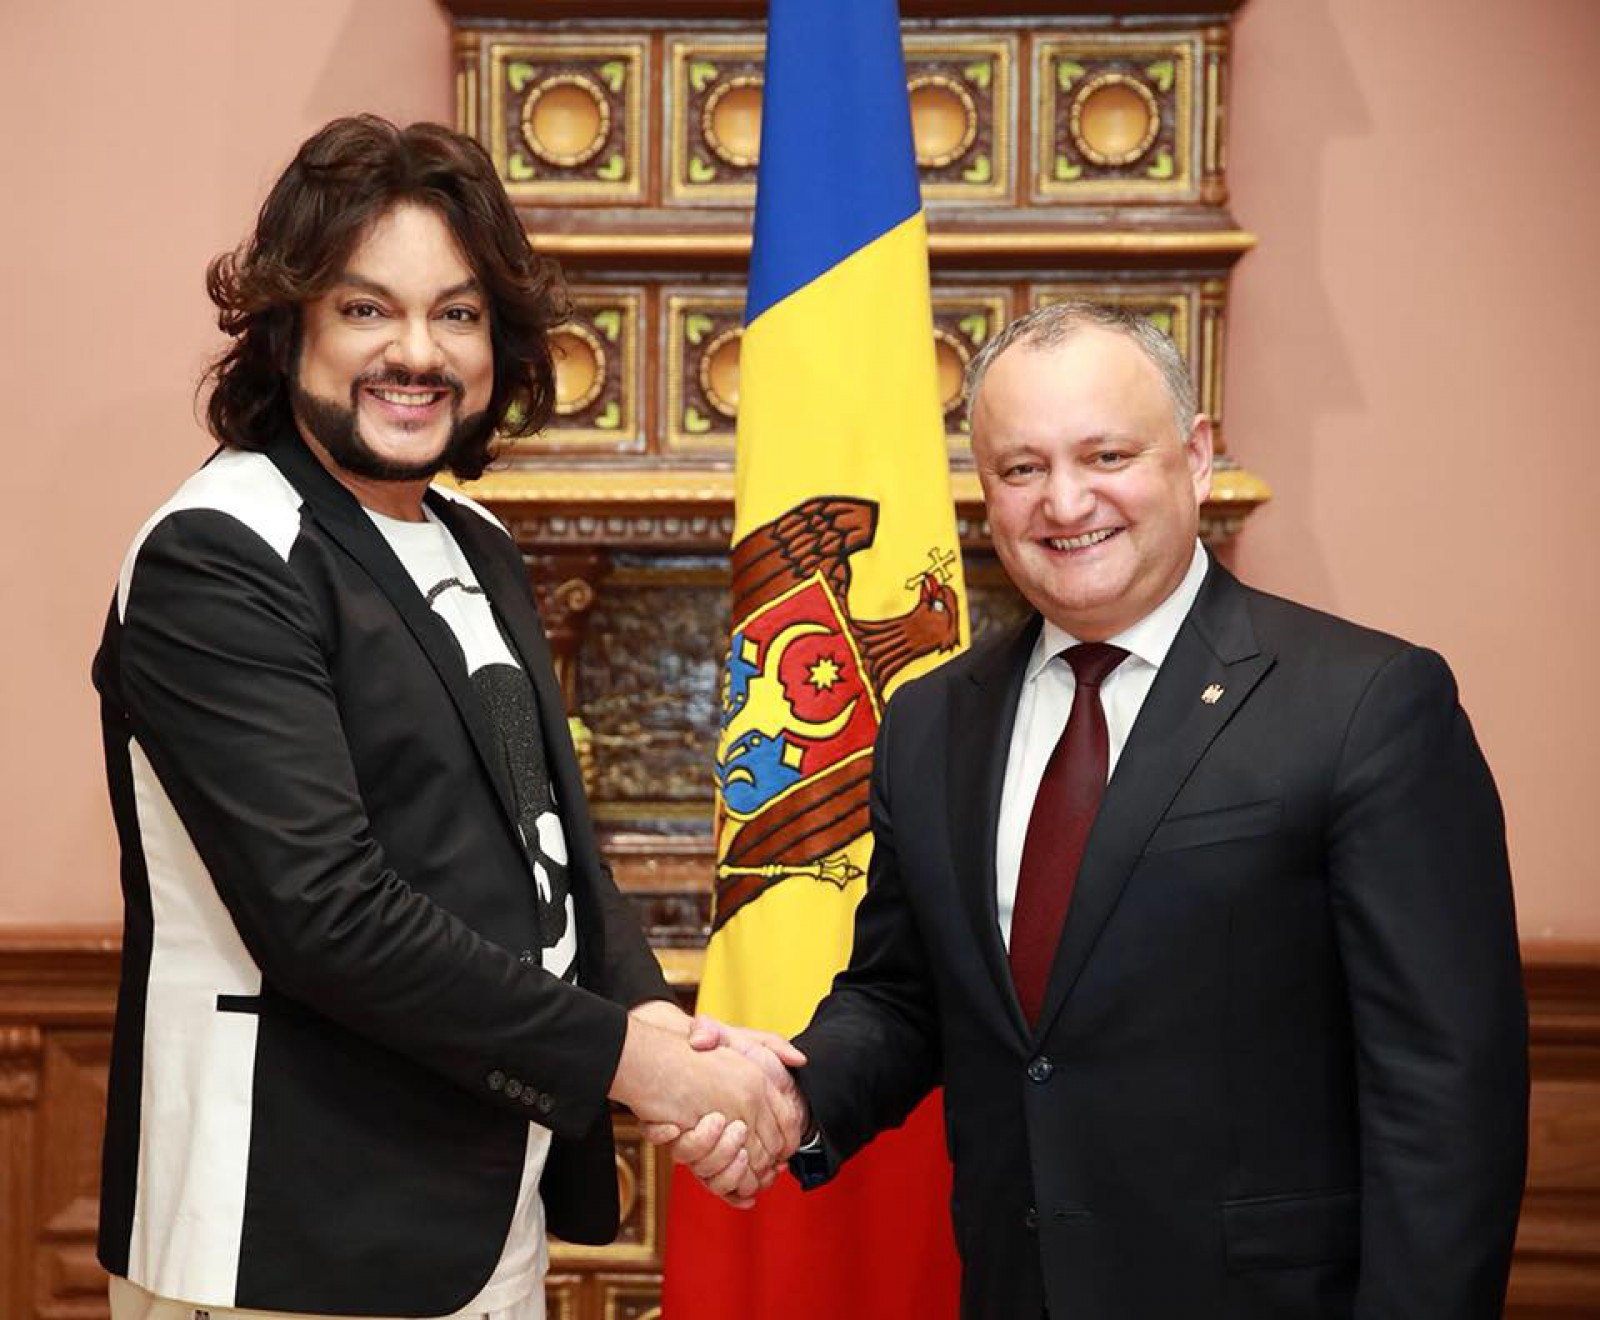 (foto) Interpretul rus, Filip Kirkorov, a venit în Republica Moldova. Cu câtă bucurie l-a întâlnit președintele, Igor Ddodon